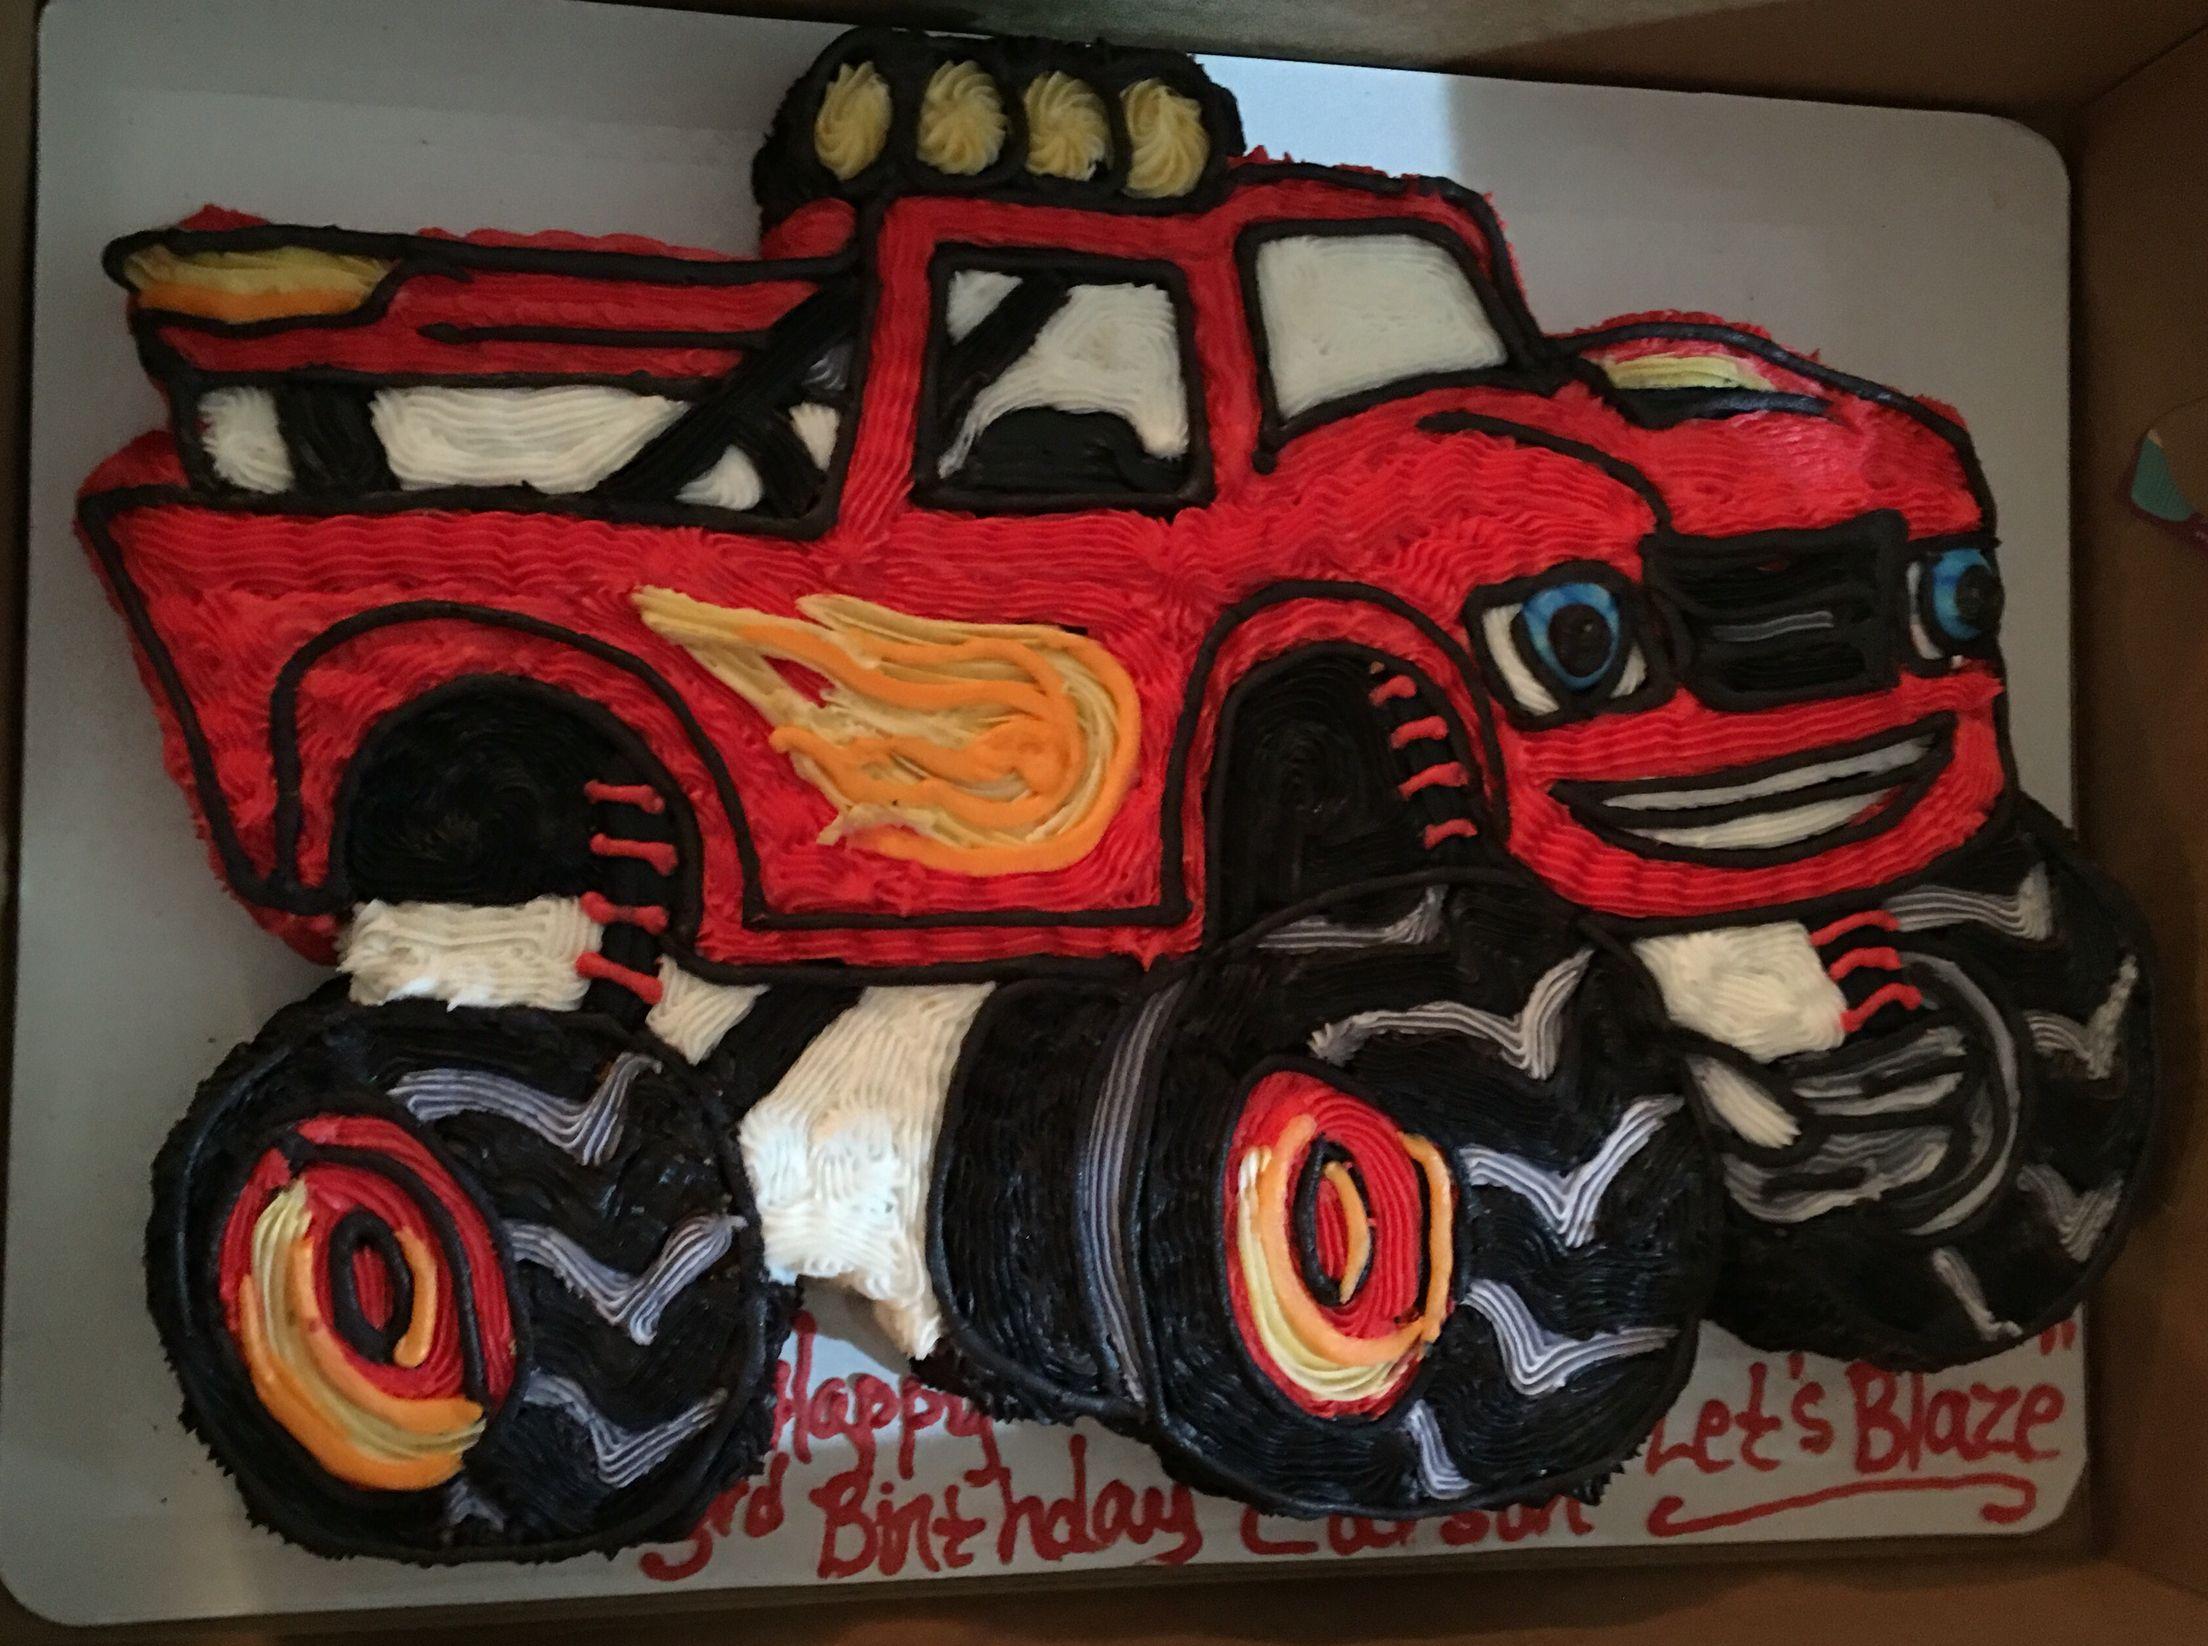 Blaze and the monster machines birthday cake! :)